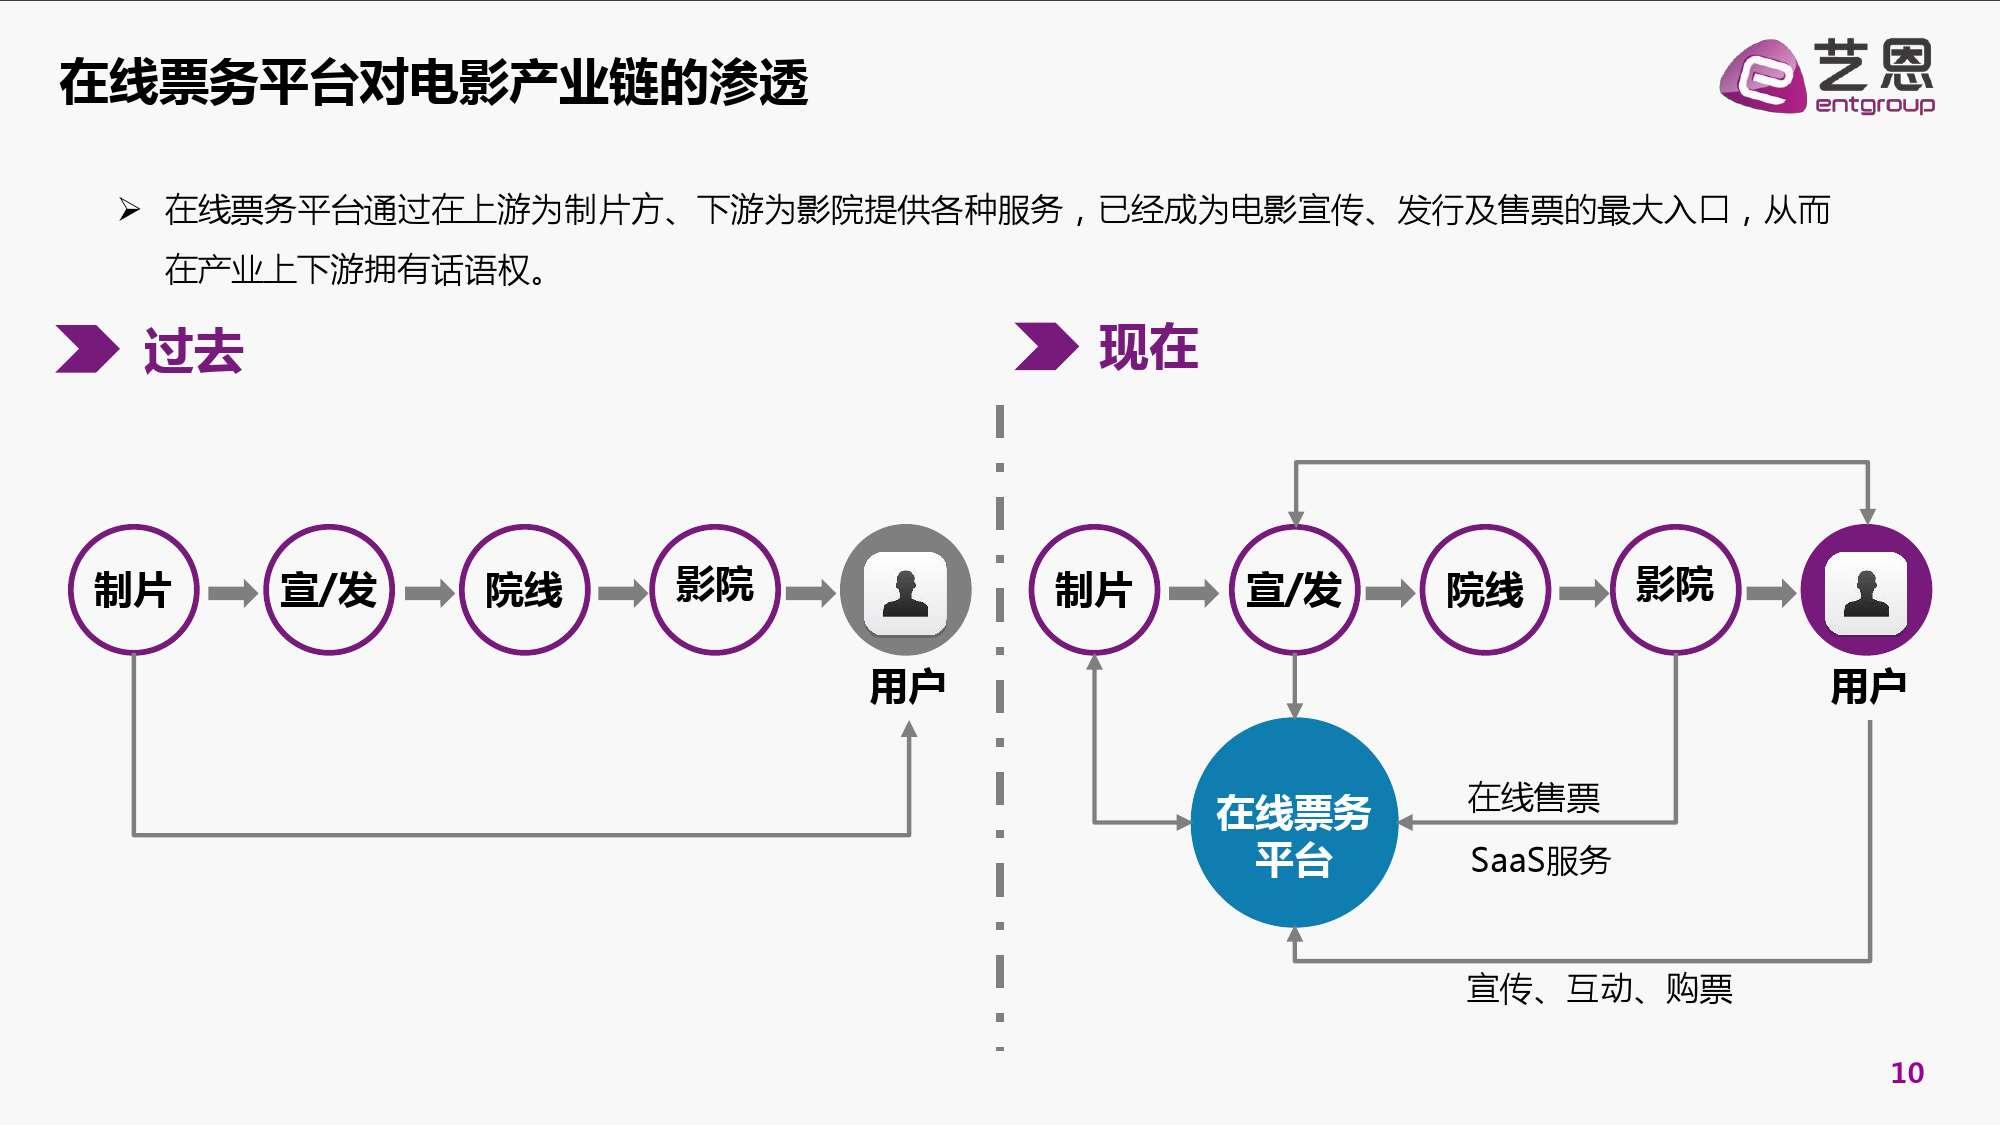 2016年中国电影在线票务市场研究报告_000010